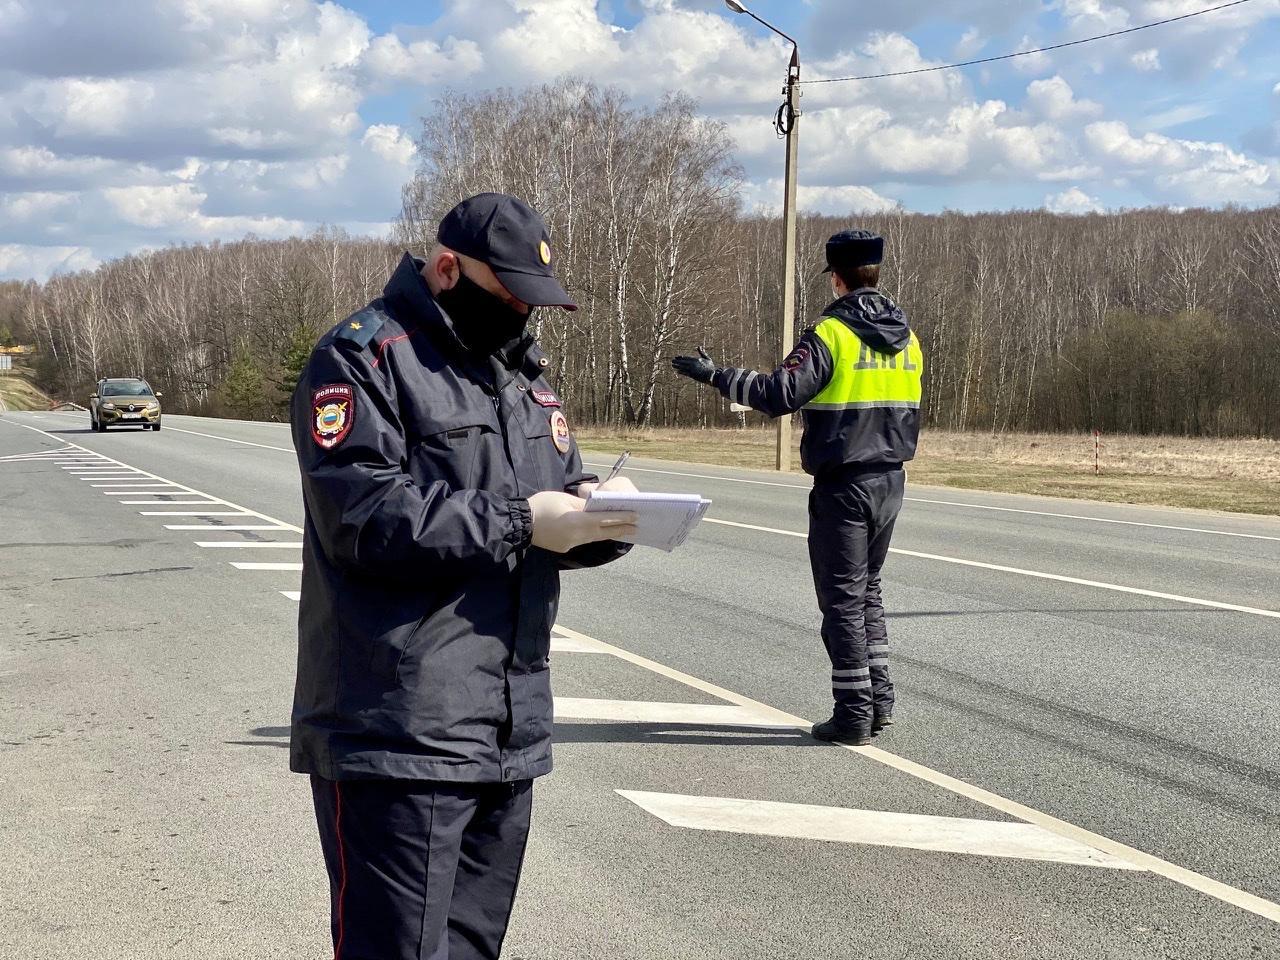 дпс, полиция, пост, термоконтроль, автоинспектор